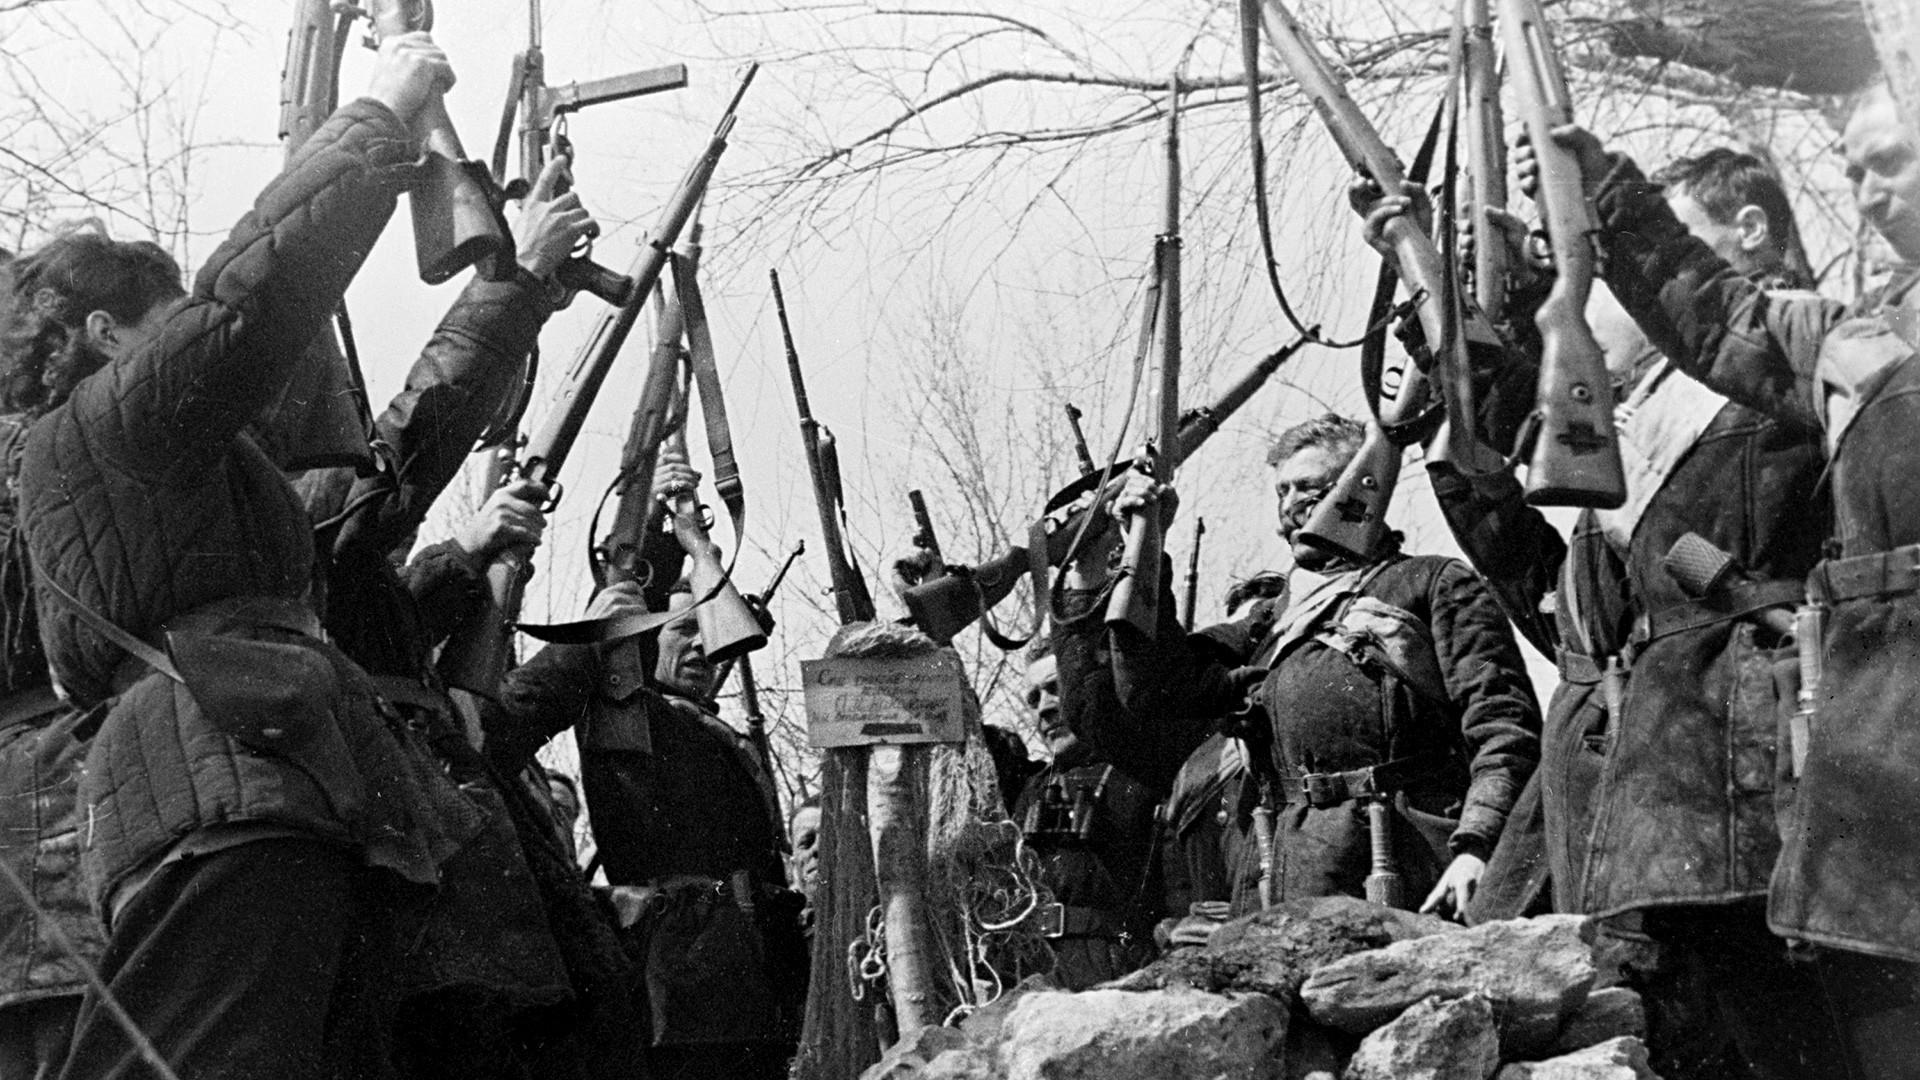 На гробу свога друга кога су убили фашисти партизани се заклињу да ће га осветити.